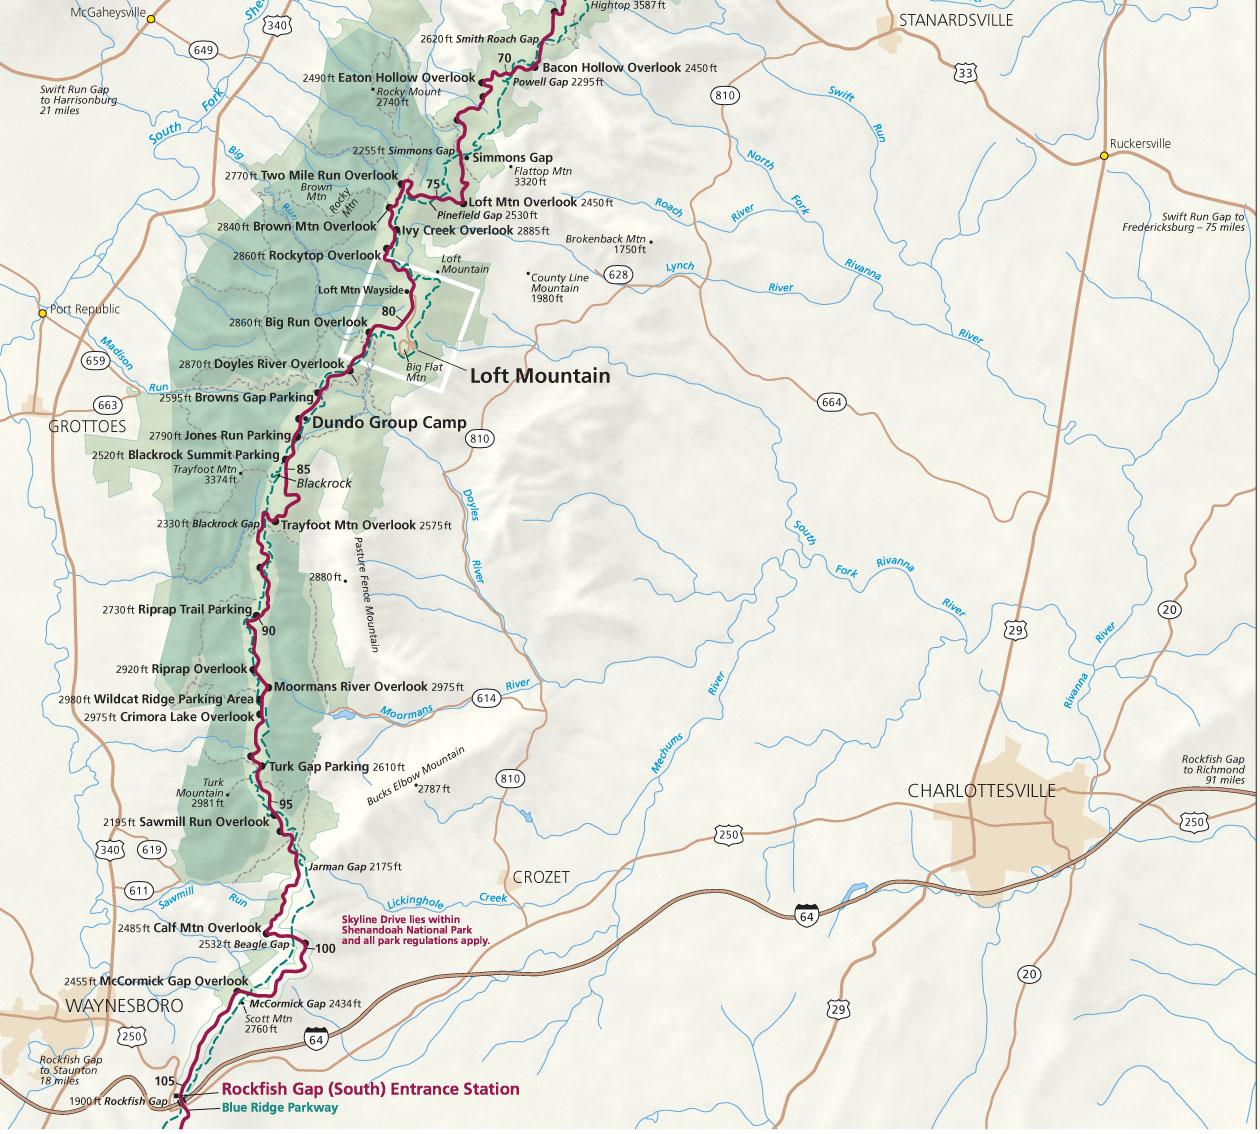 Shenandoah National Park (U.S. National Park Service